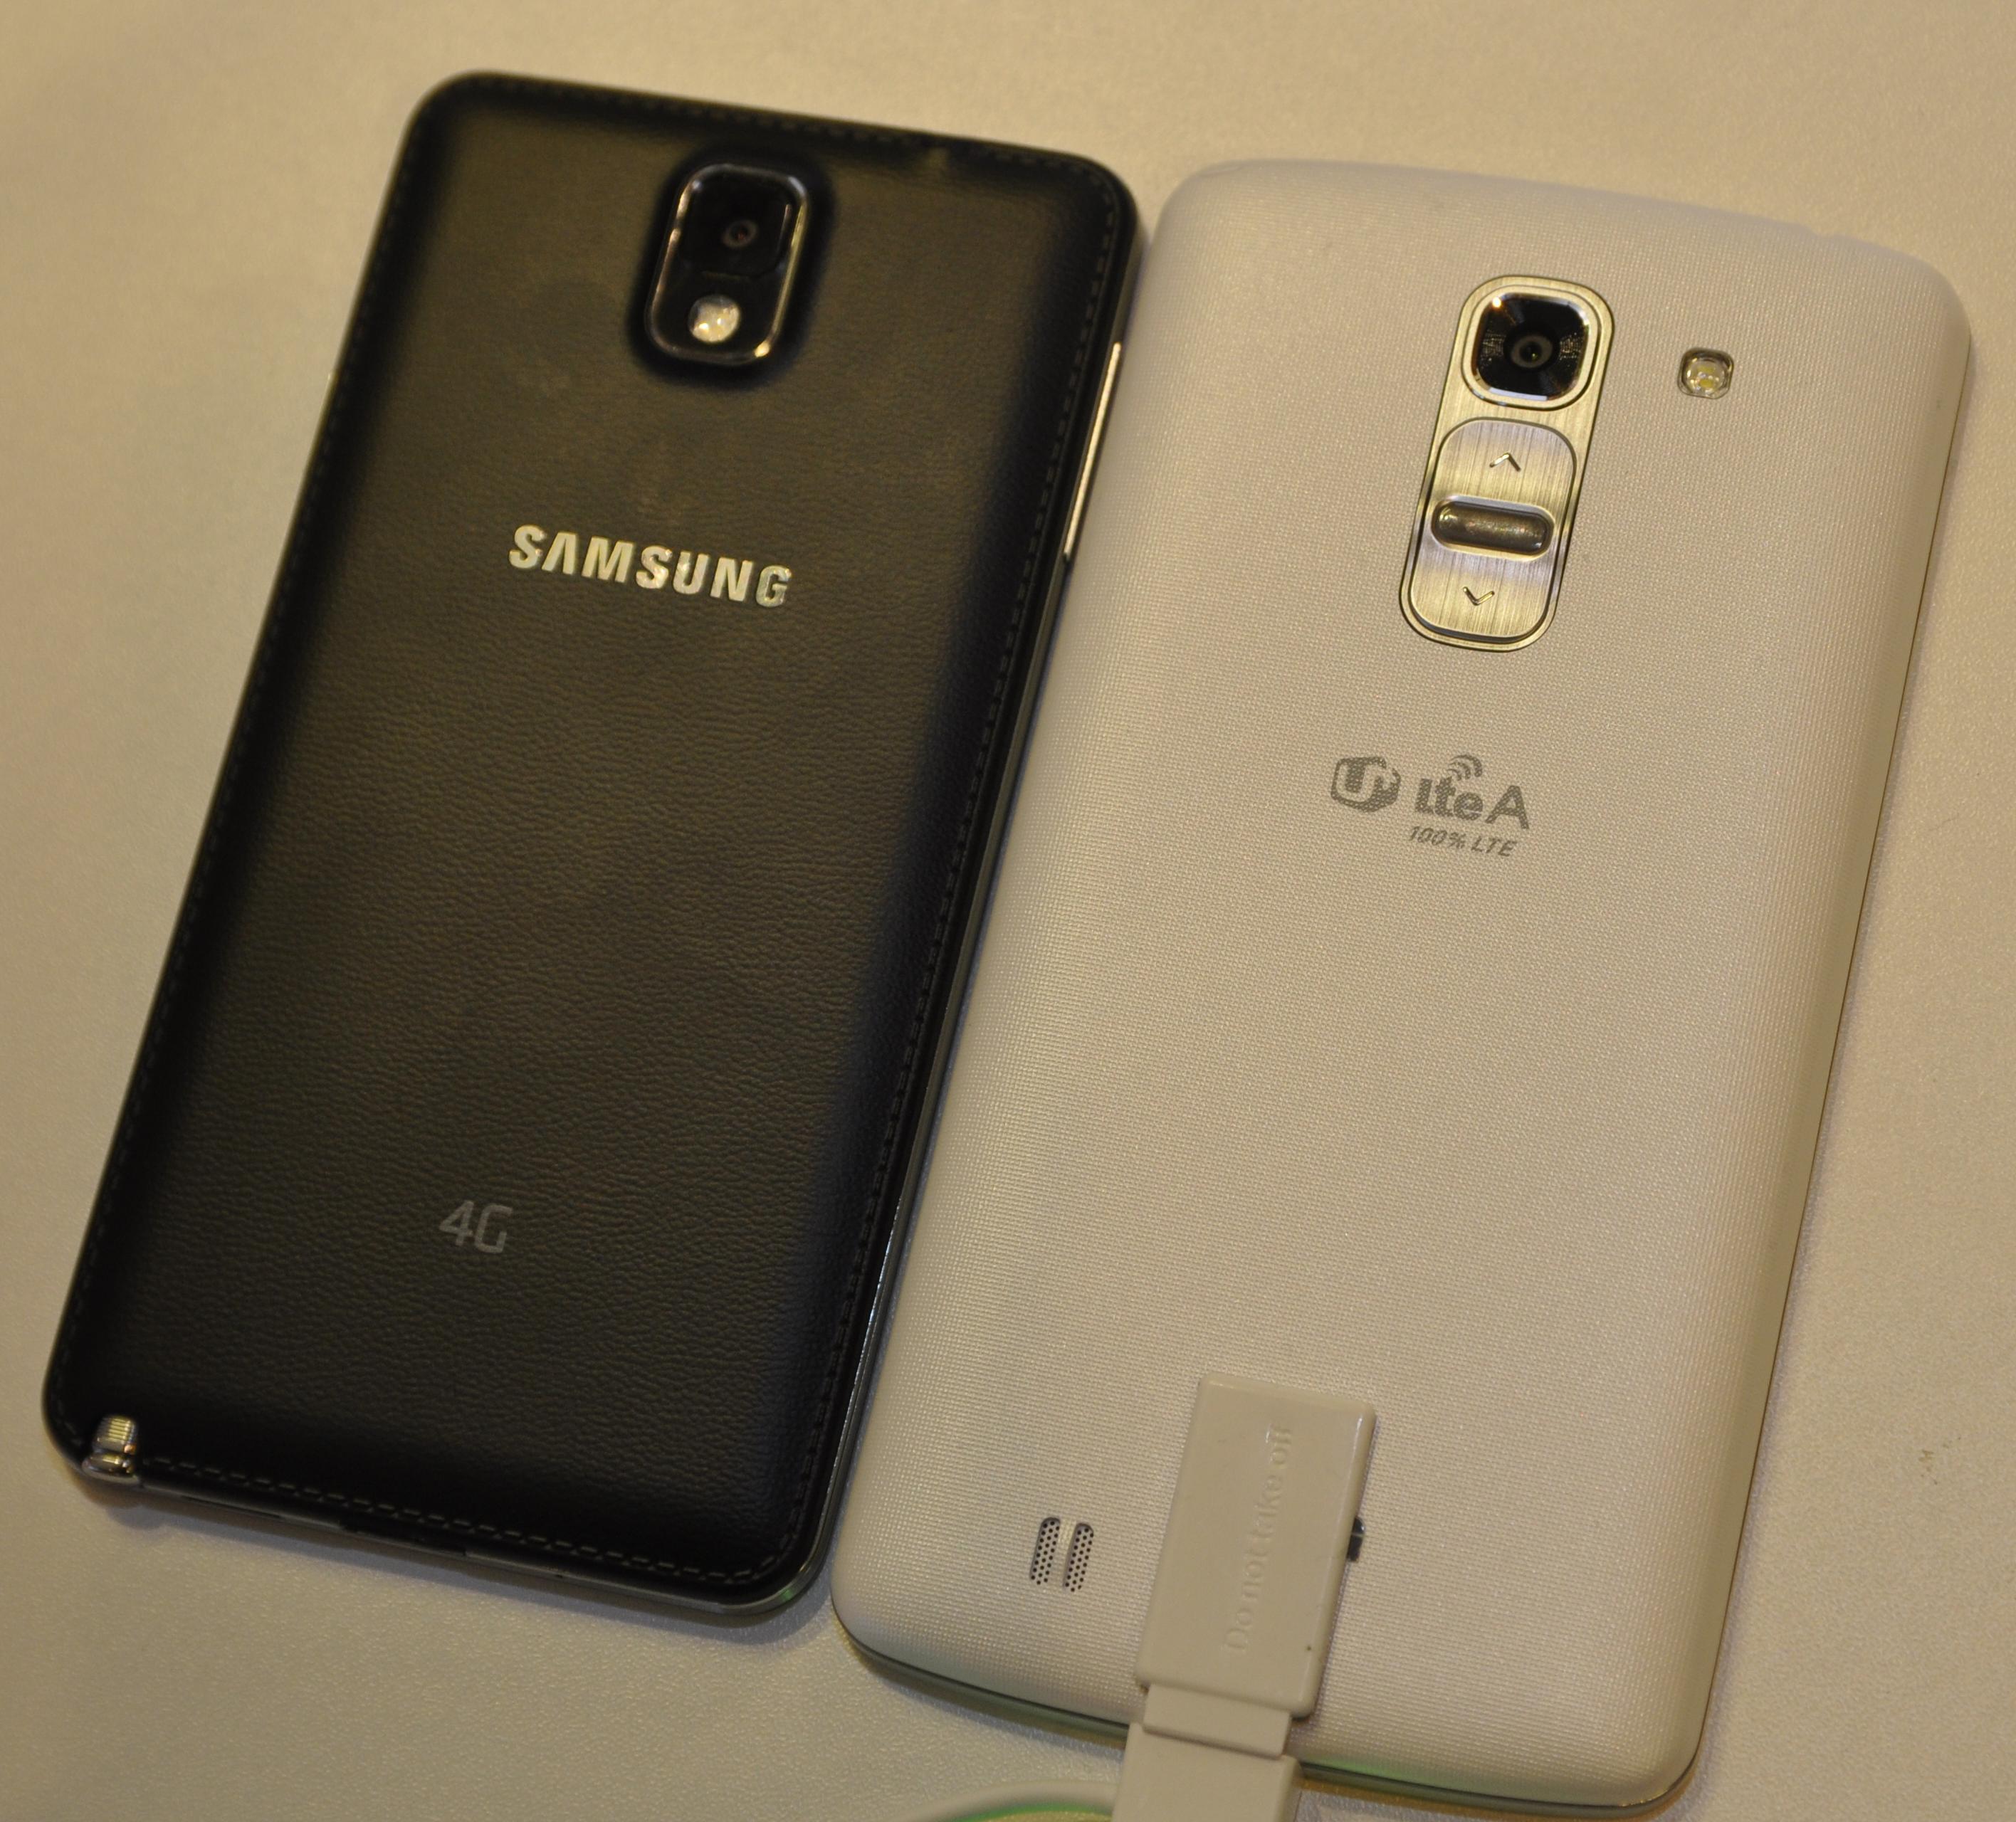 LG G Pro 2 ved siden av Samsungs Galaxy Note 3. Sistnevnte har 0,2 tommer mindre skjerm, men det skiller ikke stort på størrelse mellom dem.Foto: Finn Jarle Kvalheim, Amobil.no